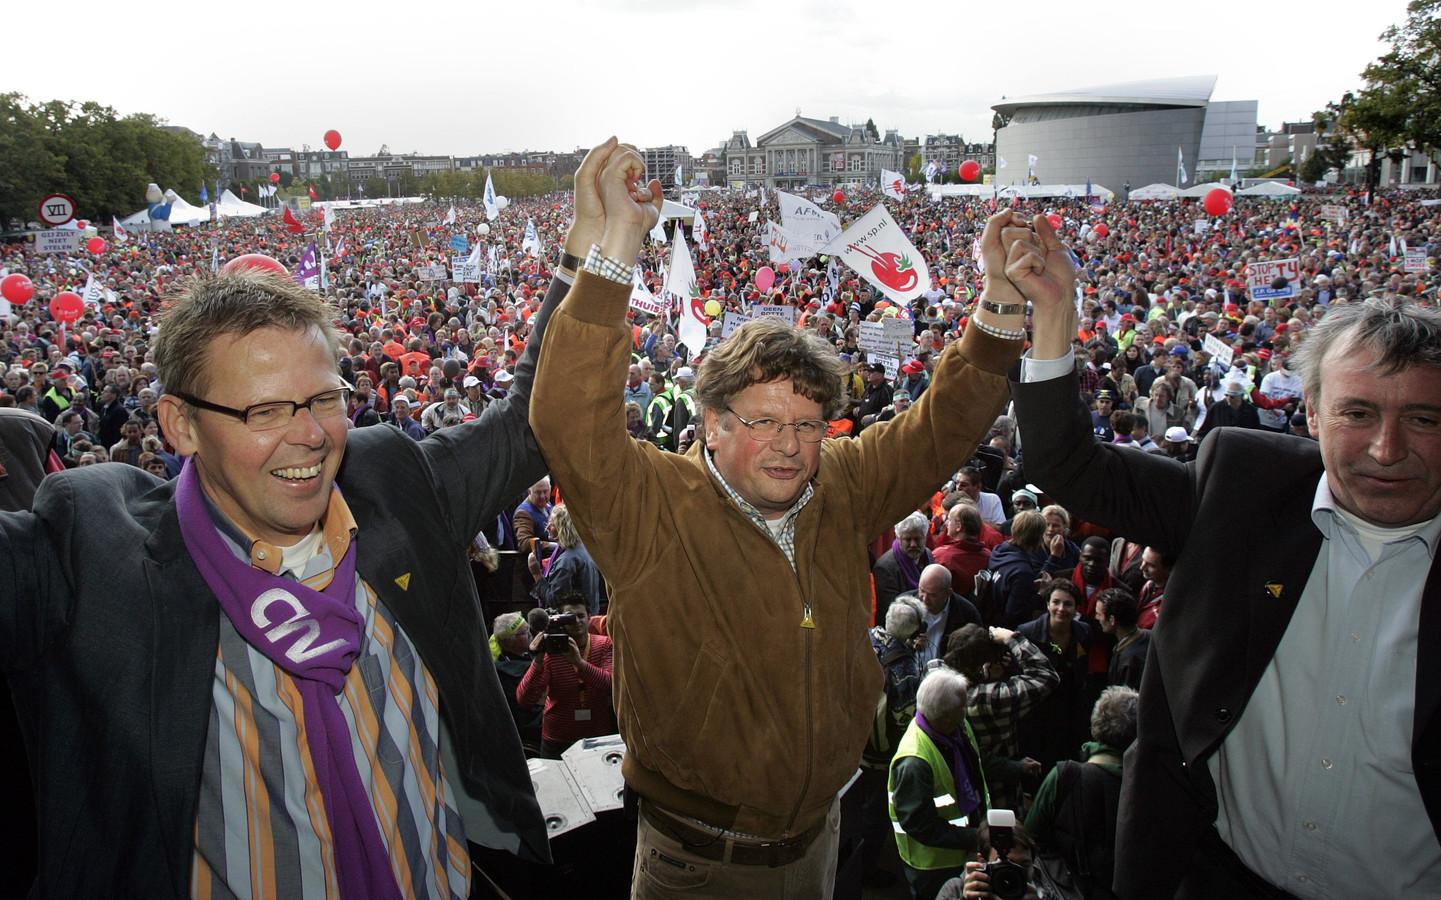 Lodewijk de Waal in 2004